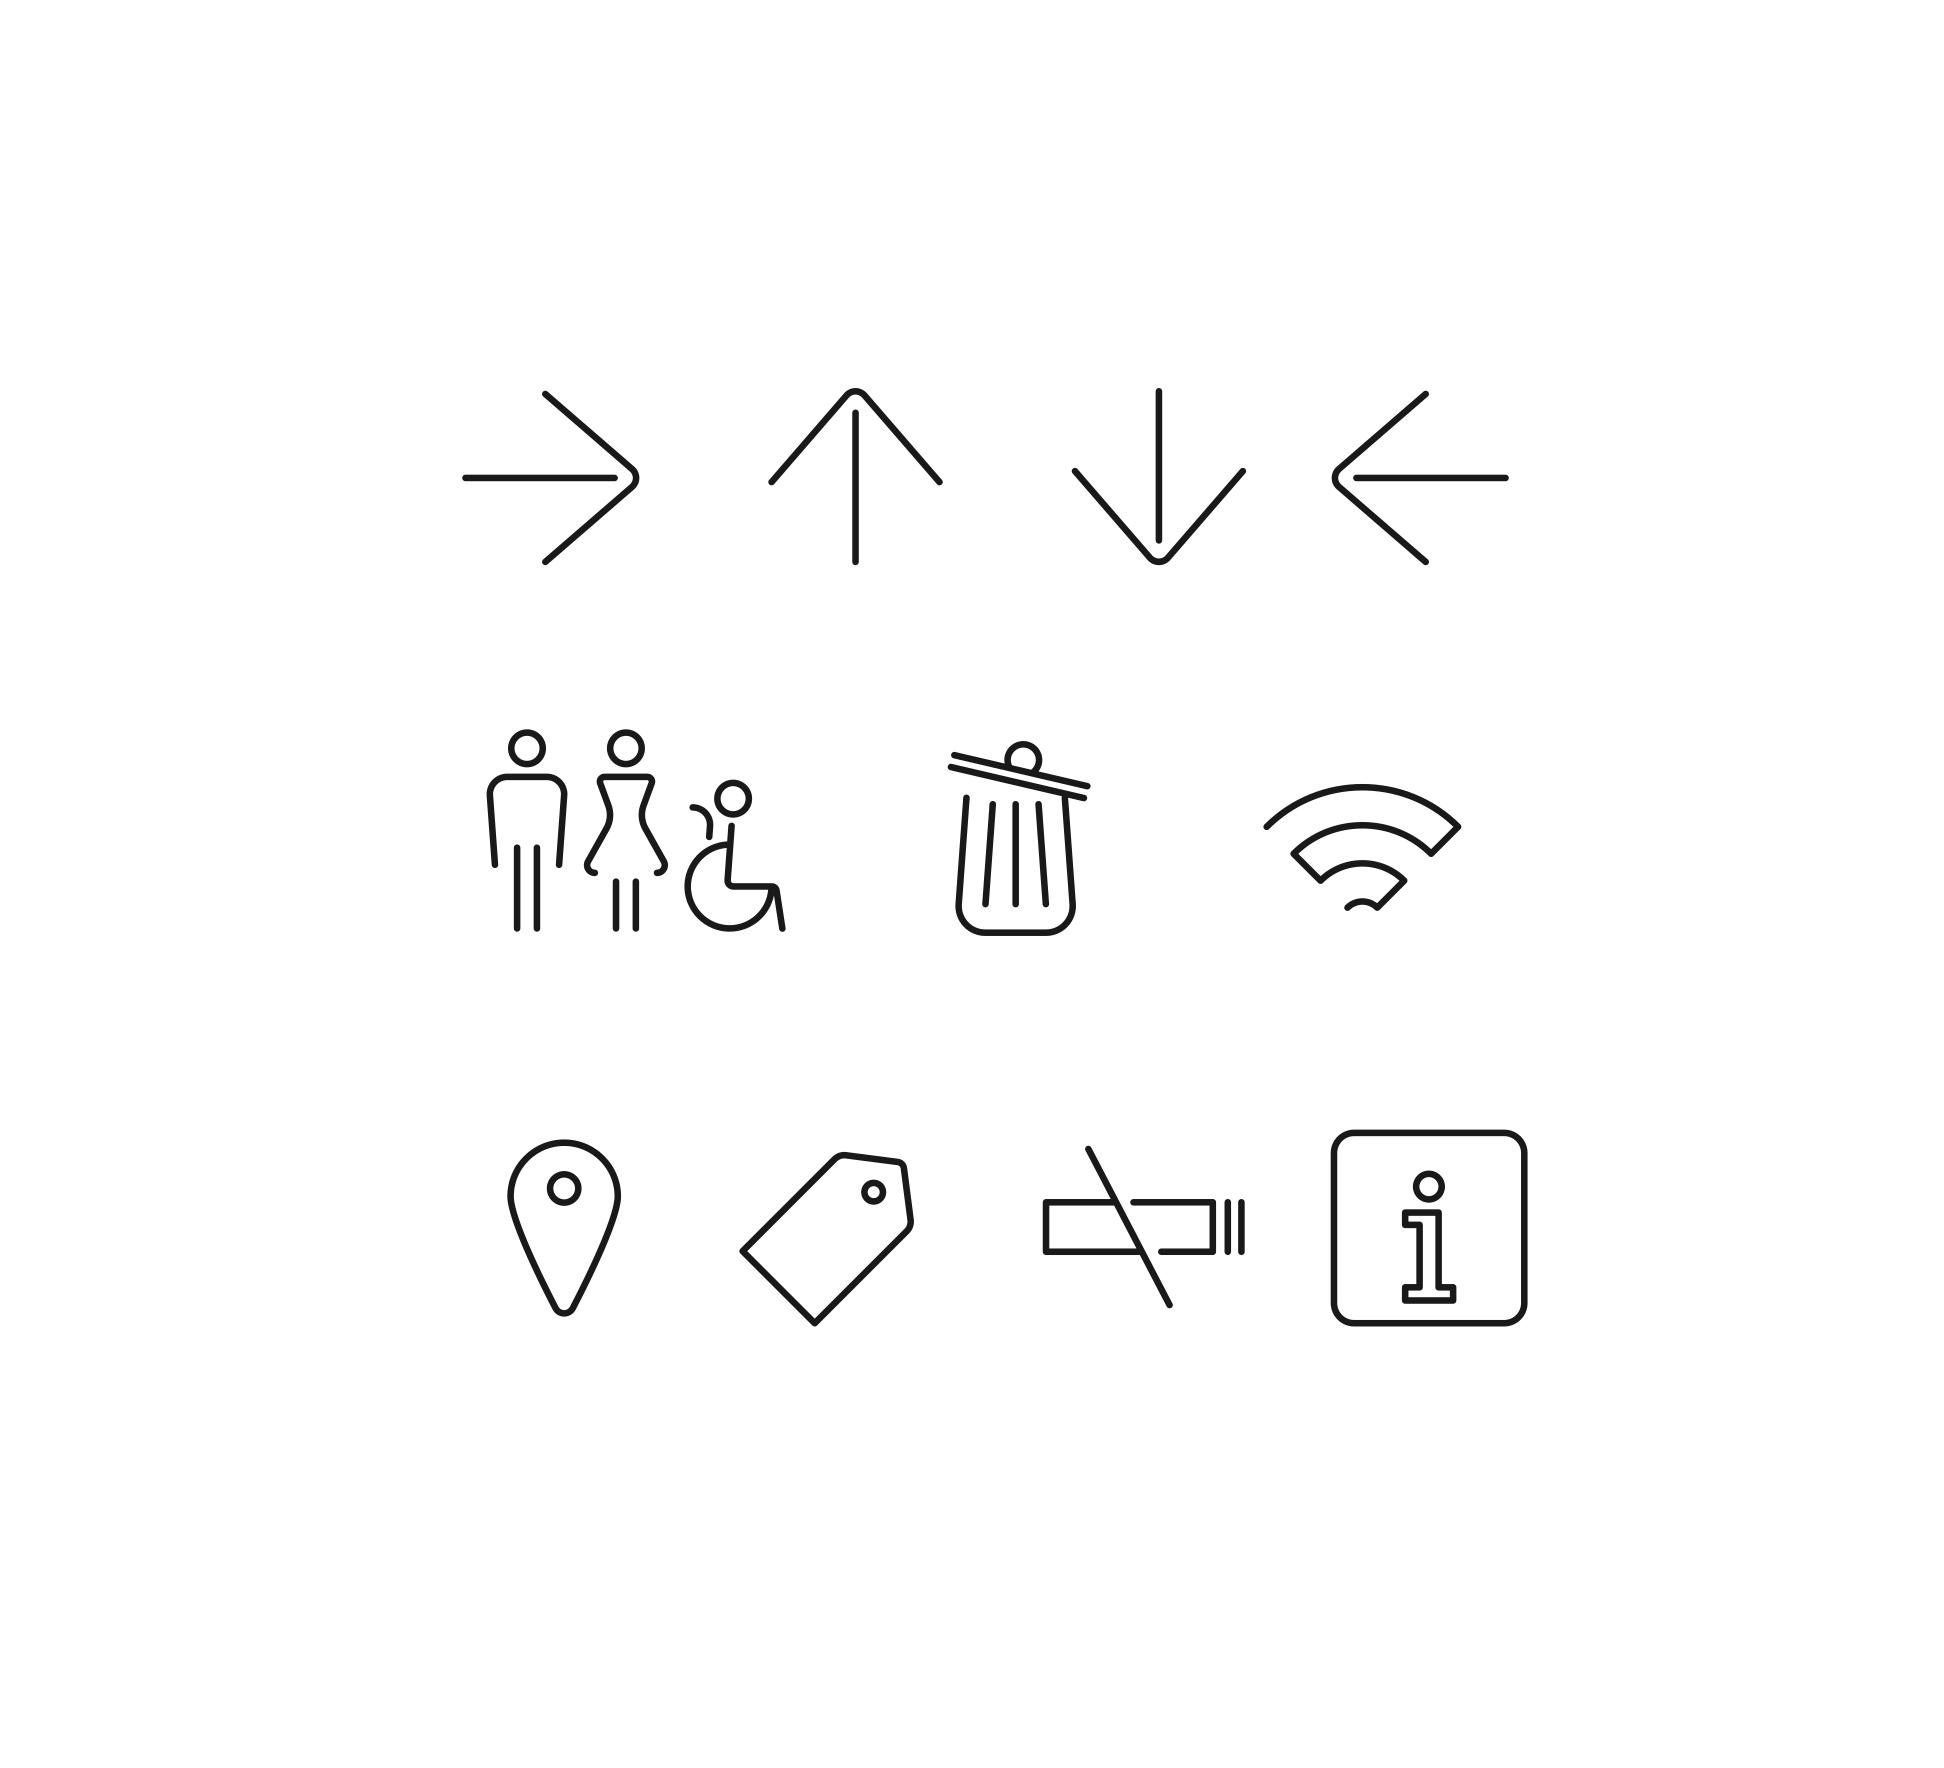 Ethik-pictogram